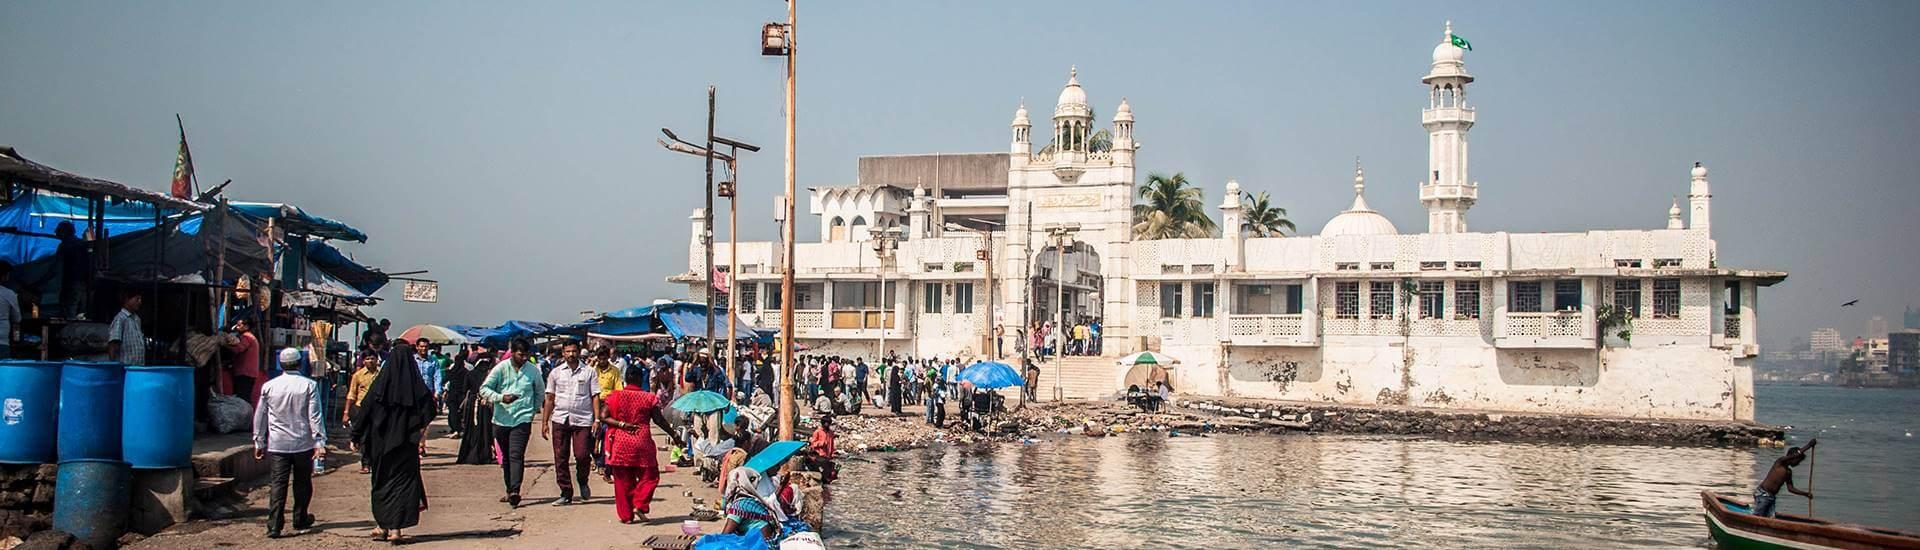 Haji Ali Dargah - Mumbai - Indie meczet na wodzie